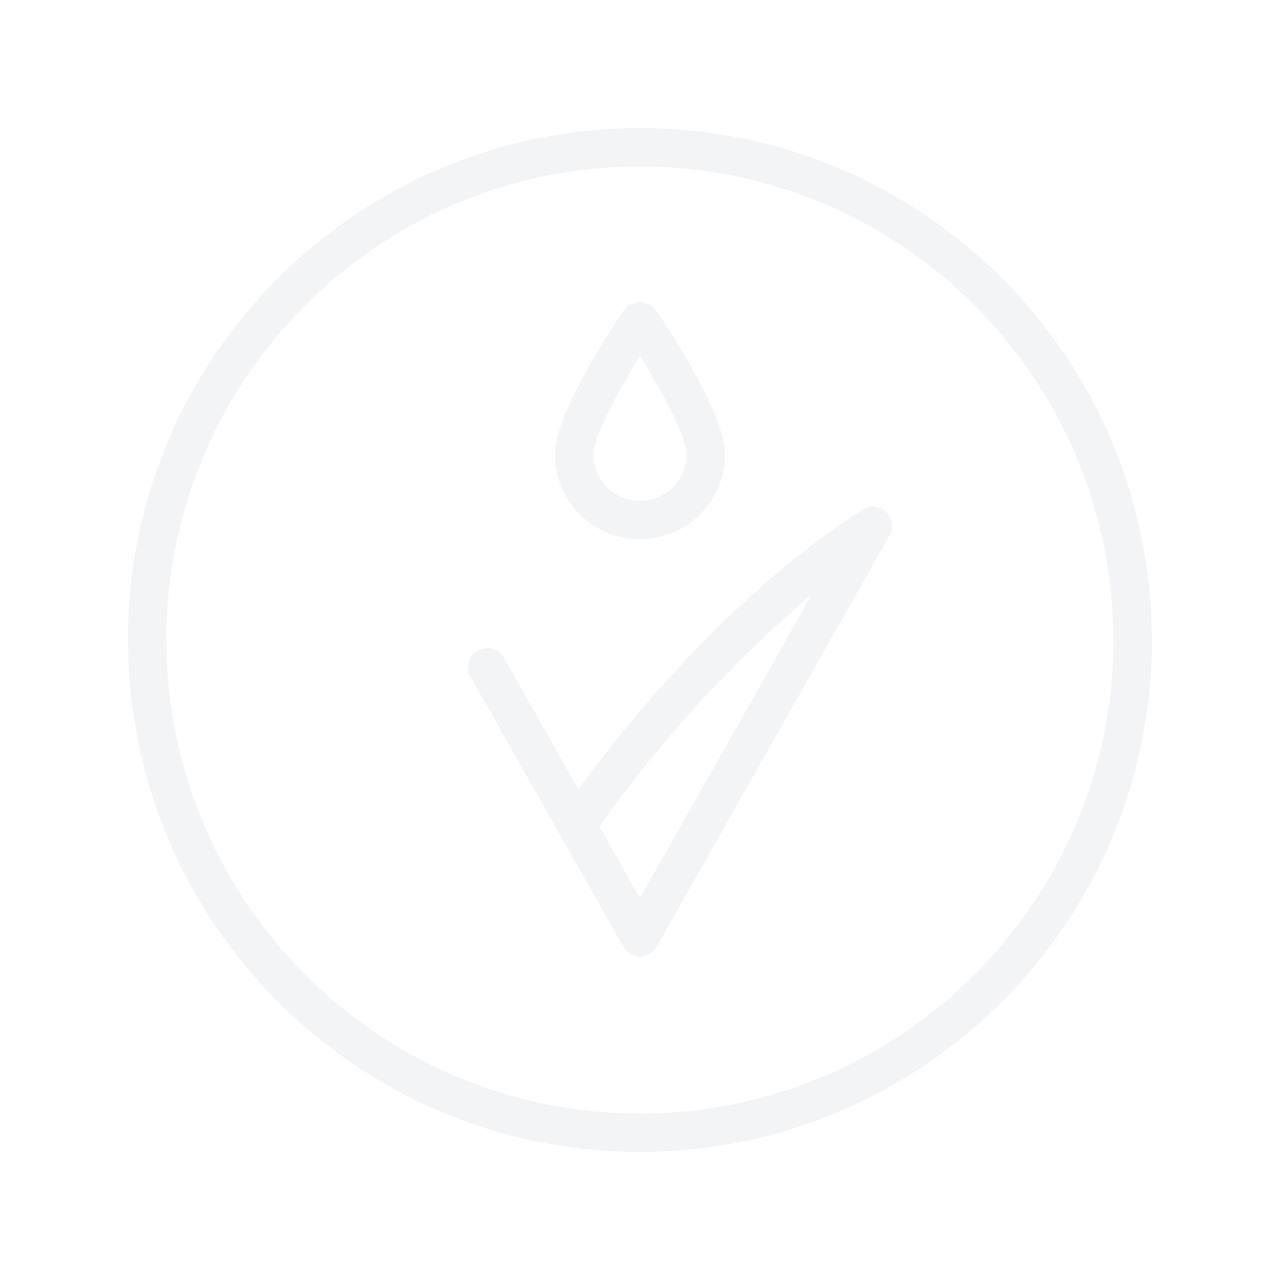 CLARINS Super Restorative Night Replenishing Cream (Very Dry Skin) 50ml